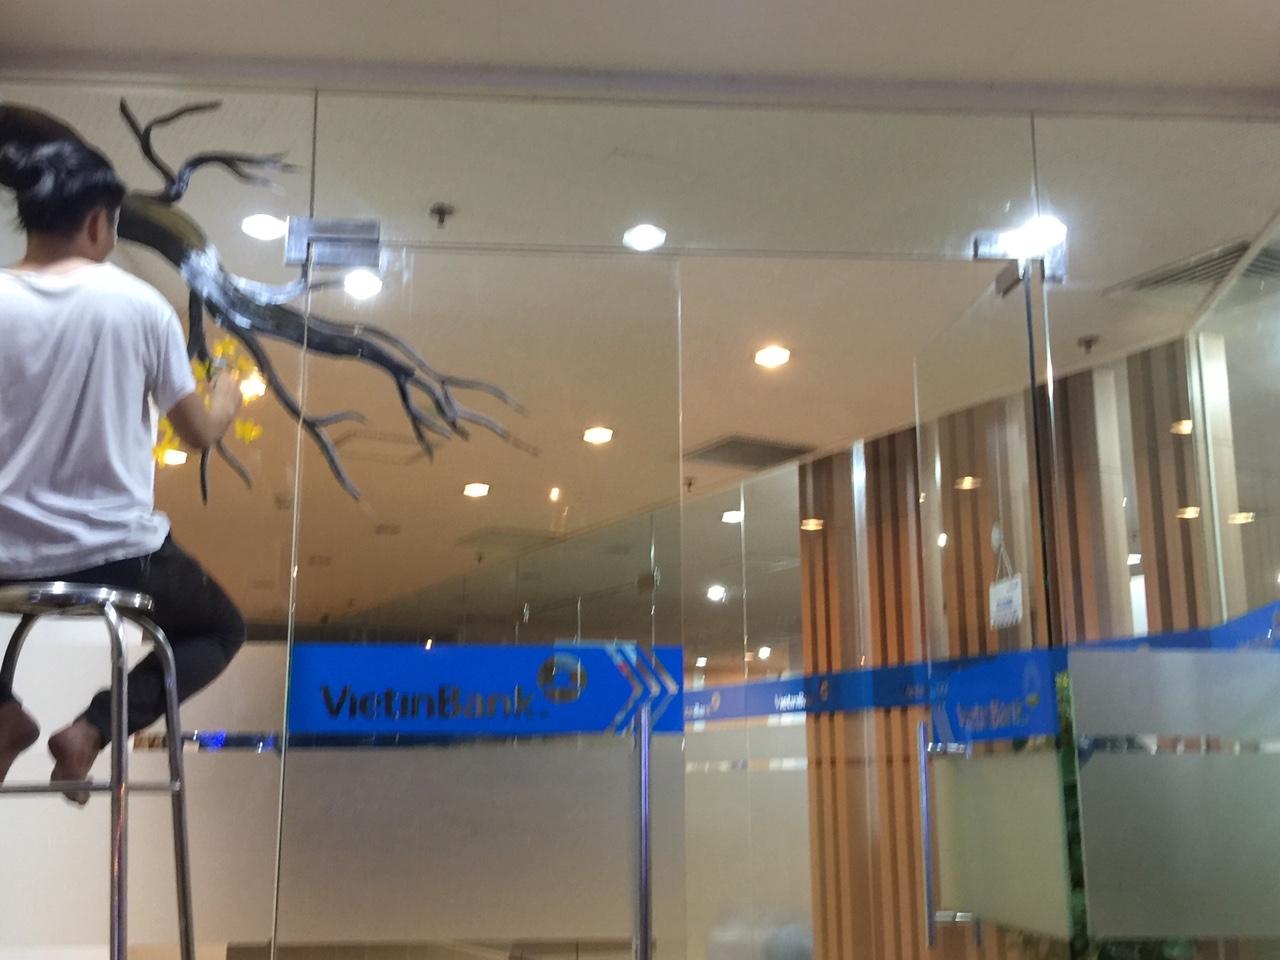 Công trình vẽ tranh trang tí kính tết Ngân Hàng Viettin Bank Quận 1